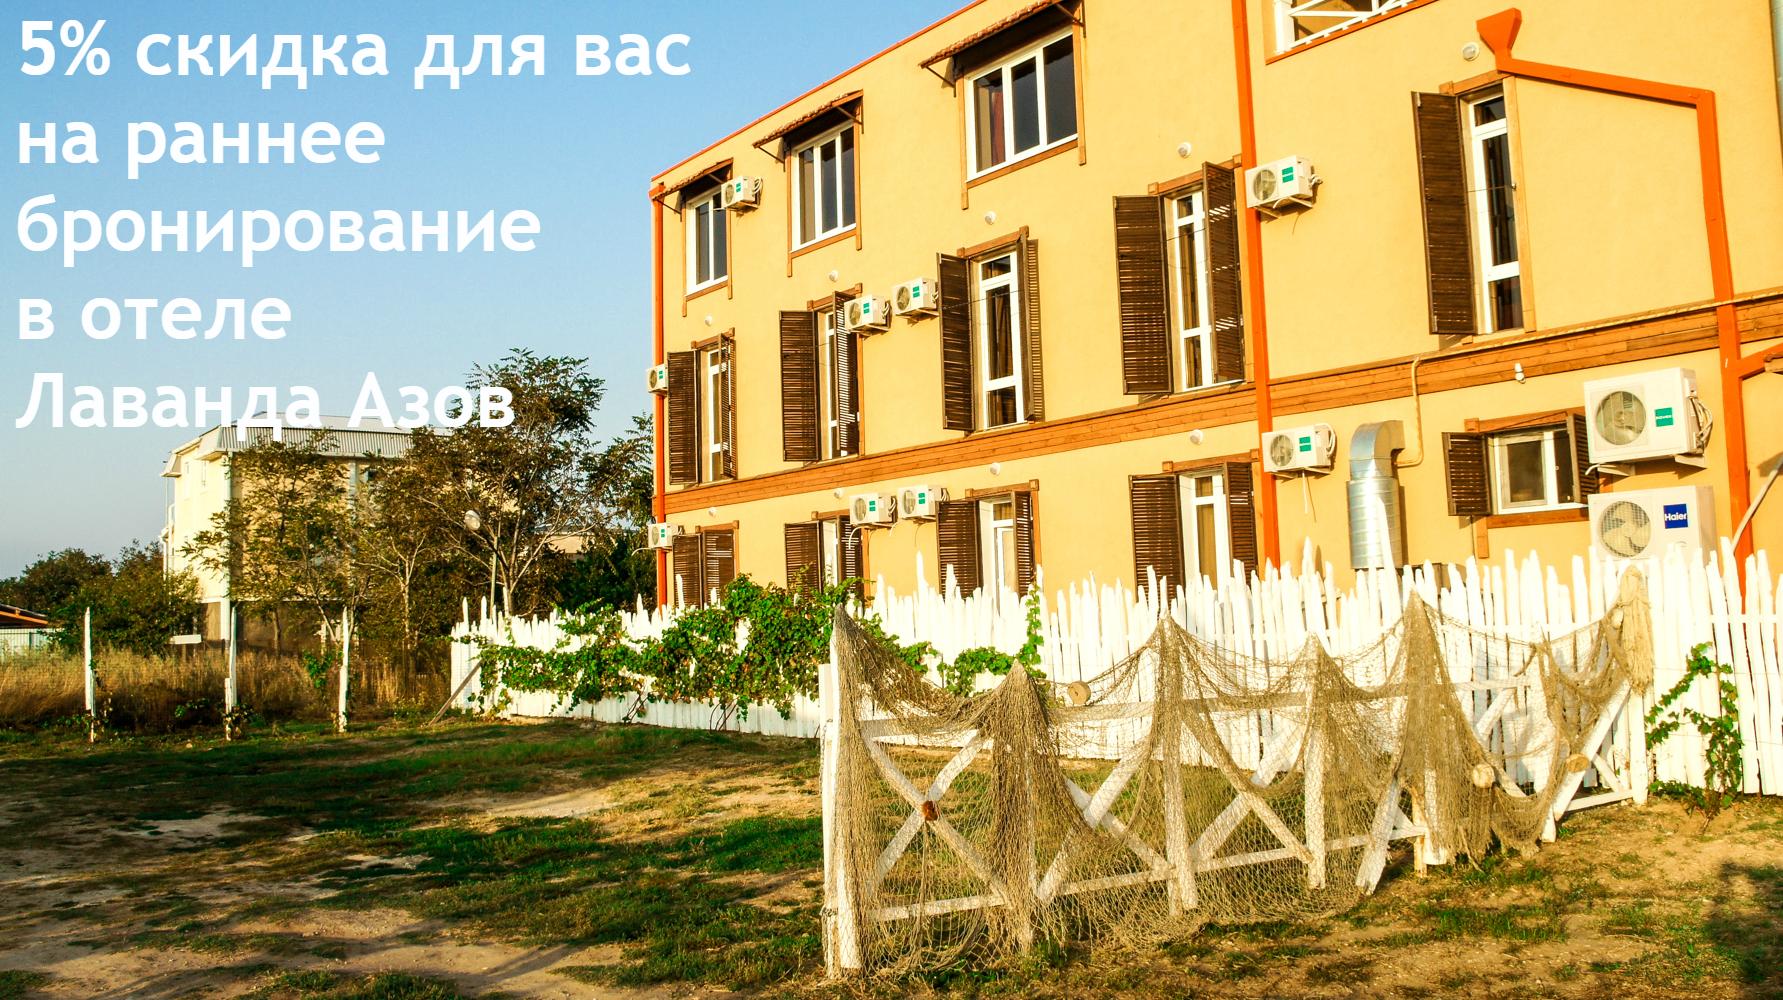 скидка на раннее бронирование в отеле Лаванда Азов